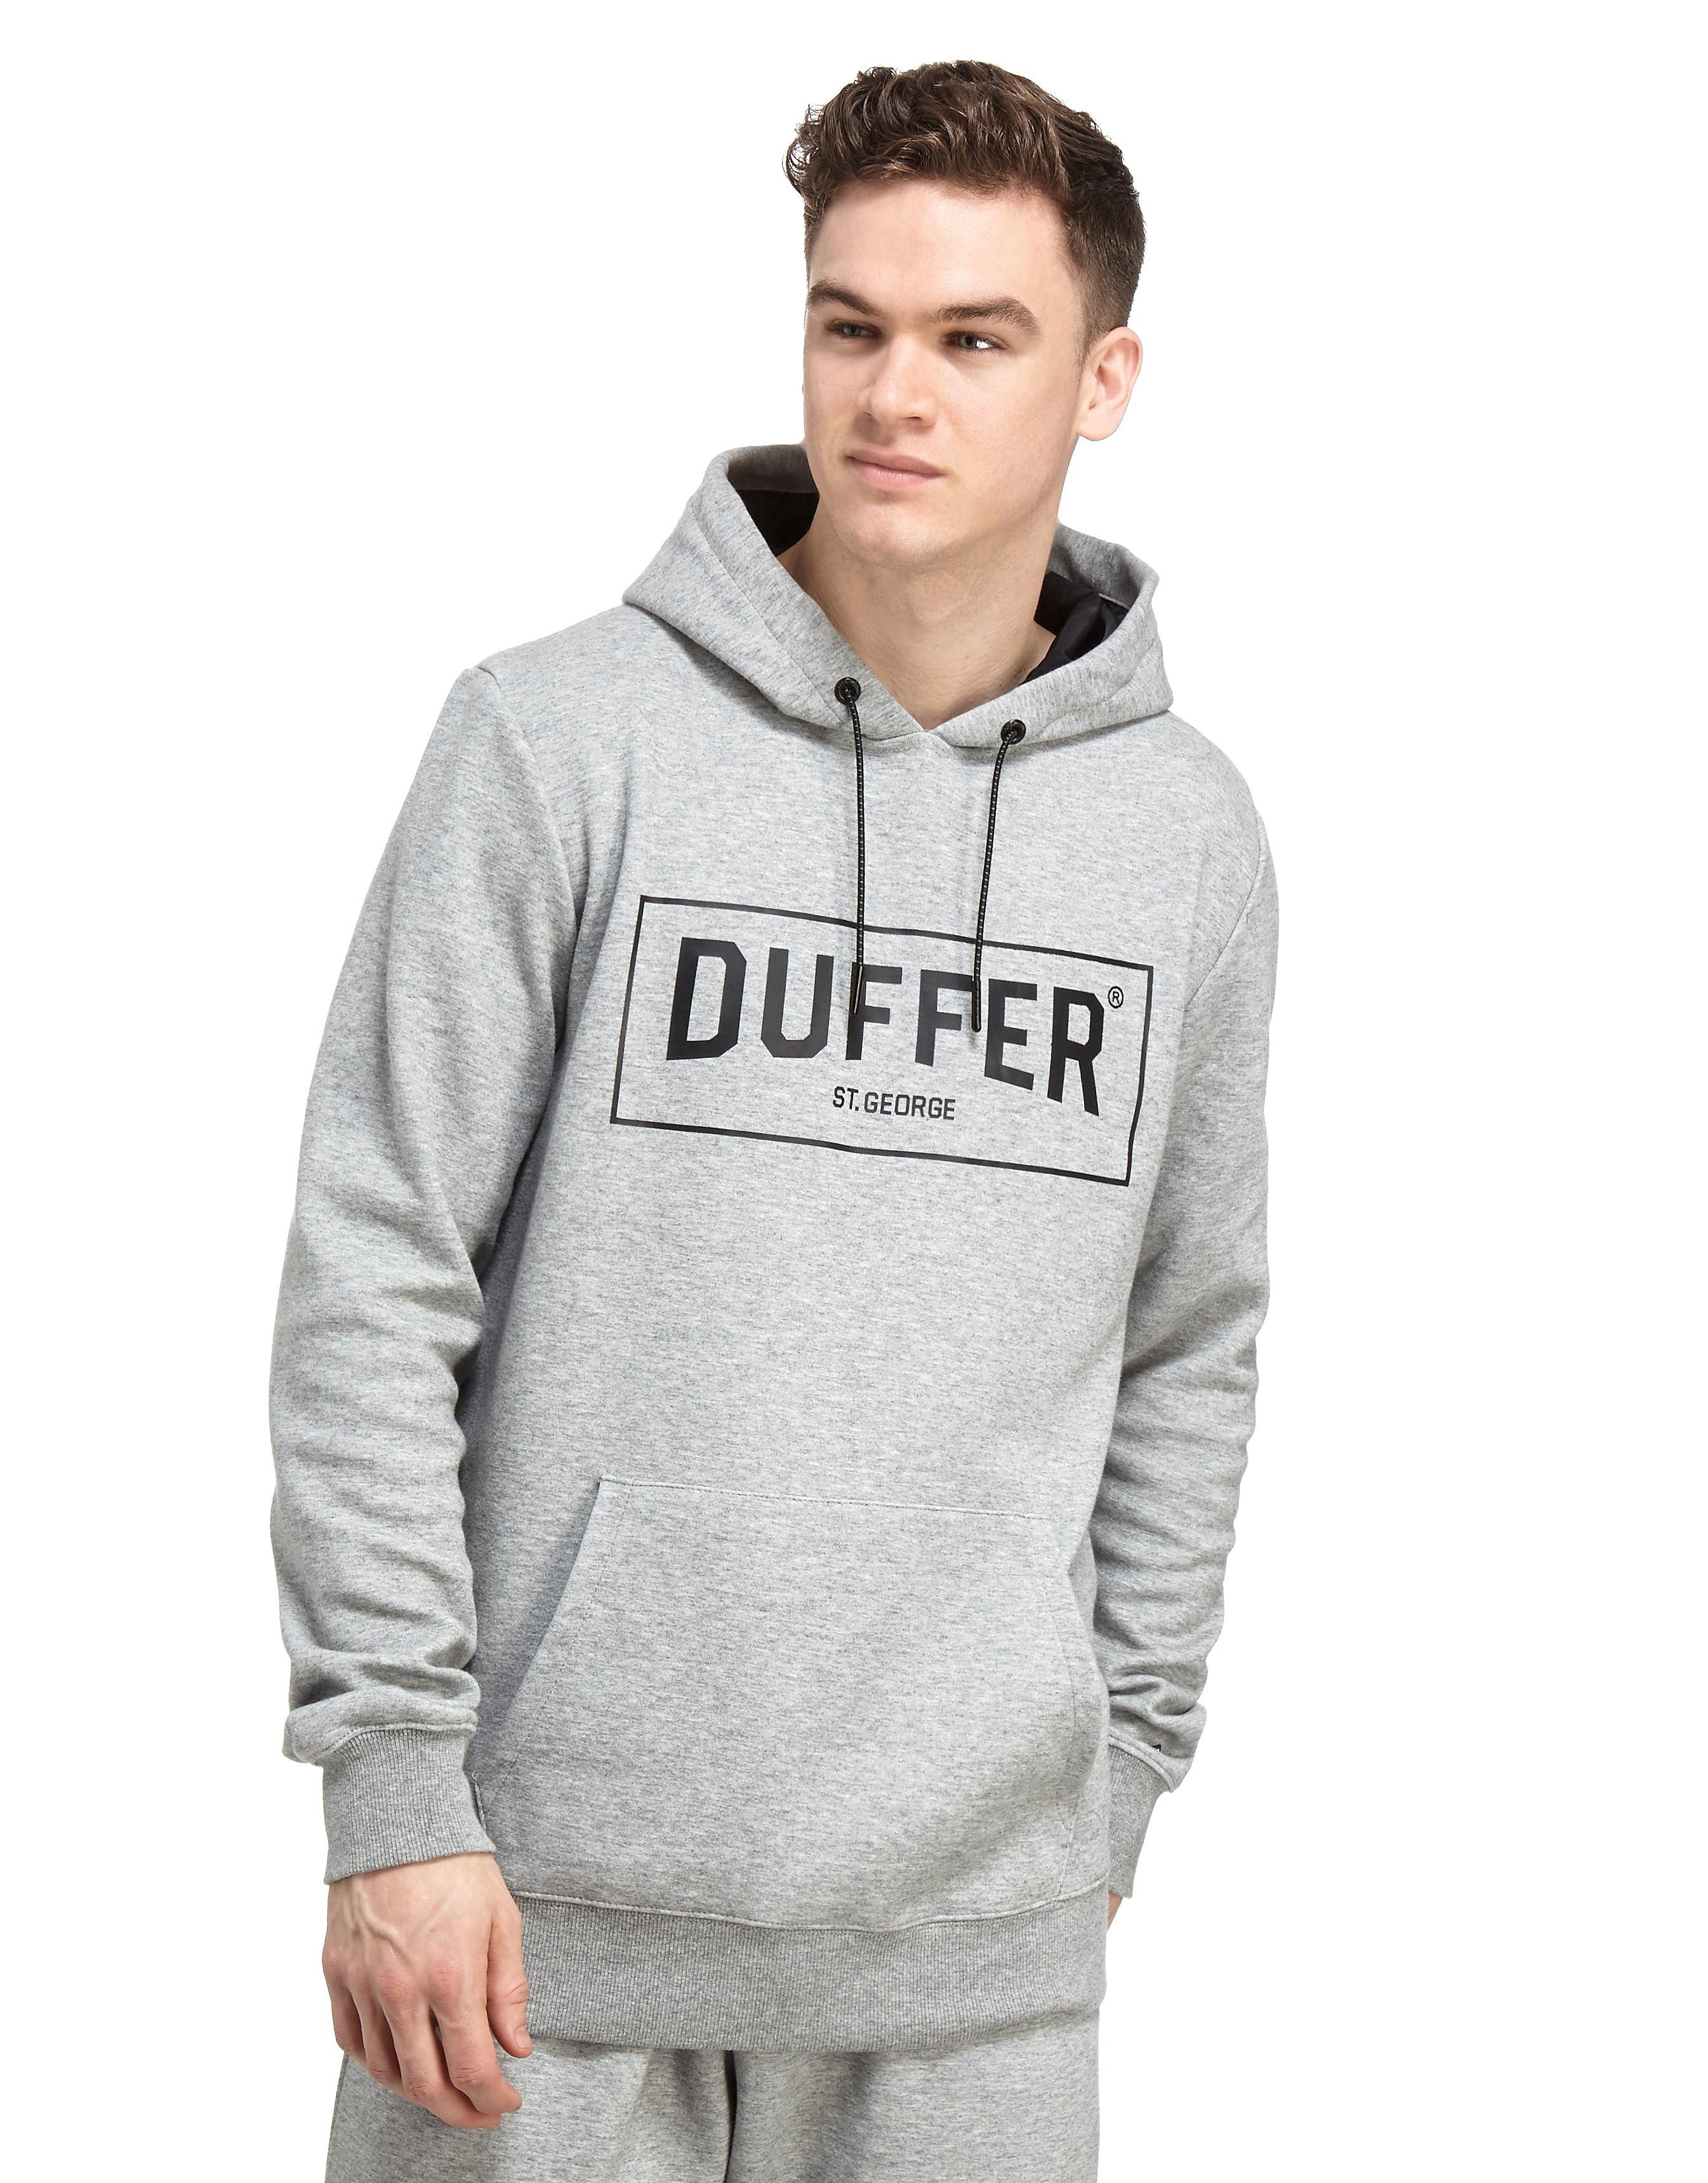 Duffer of St George Parallel Hoody